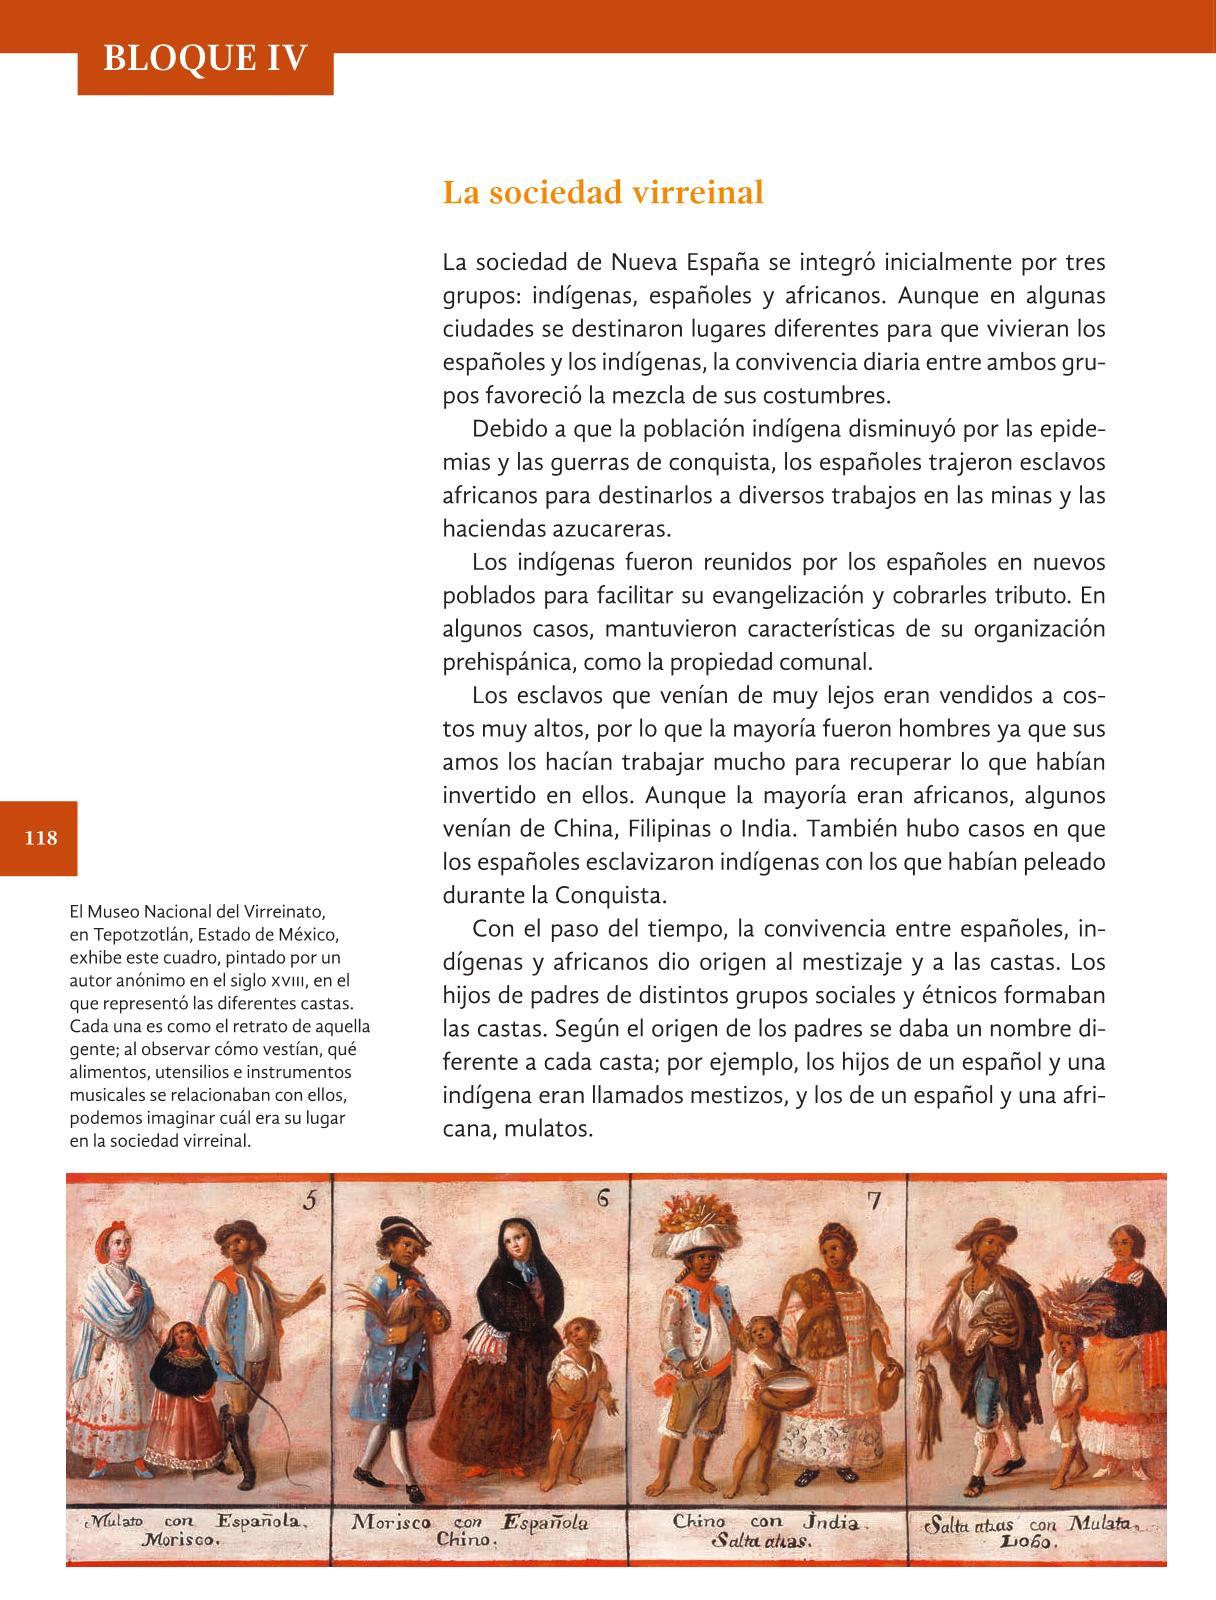 Pagina 118 De Historia De 4 Grado Historia Cuarto Grado - Classy World